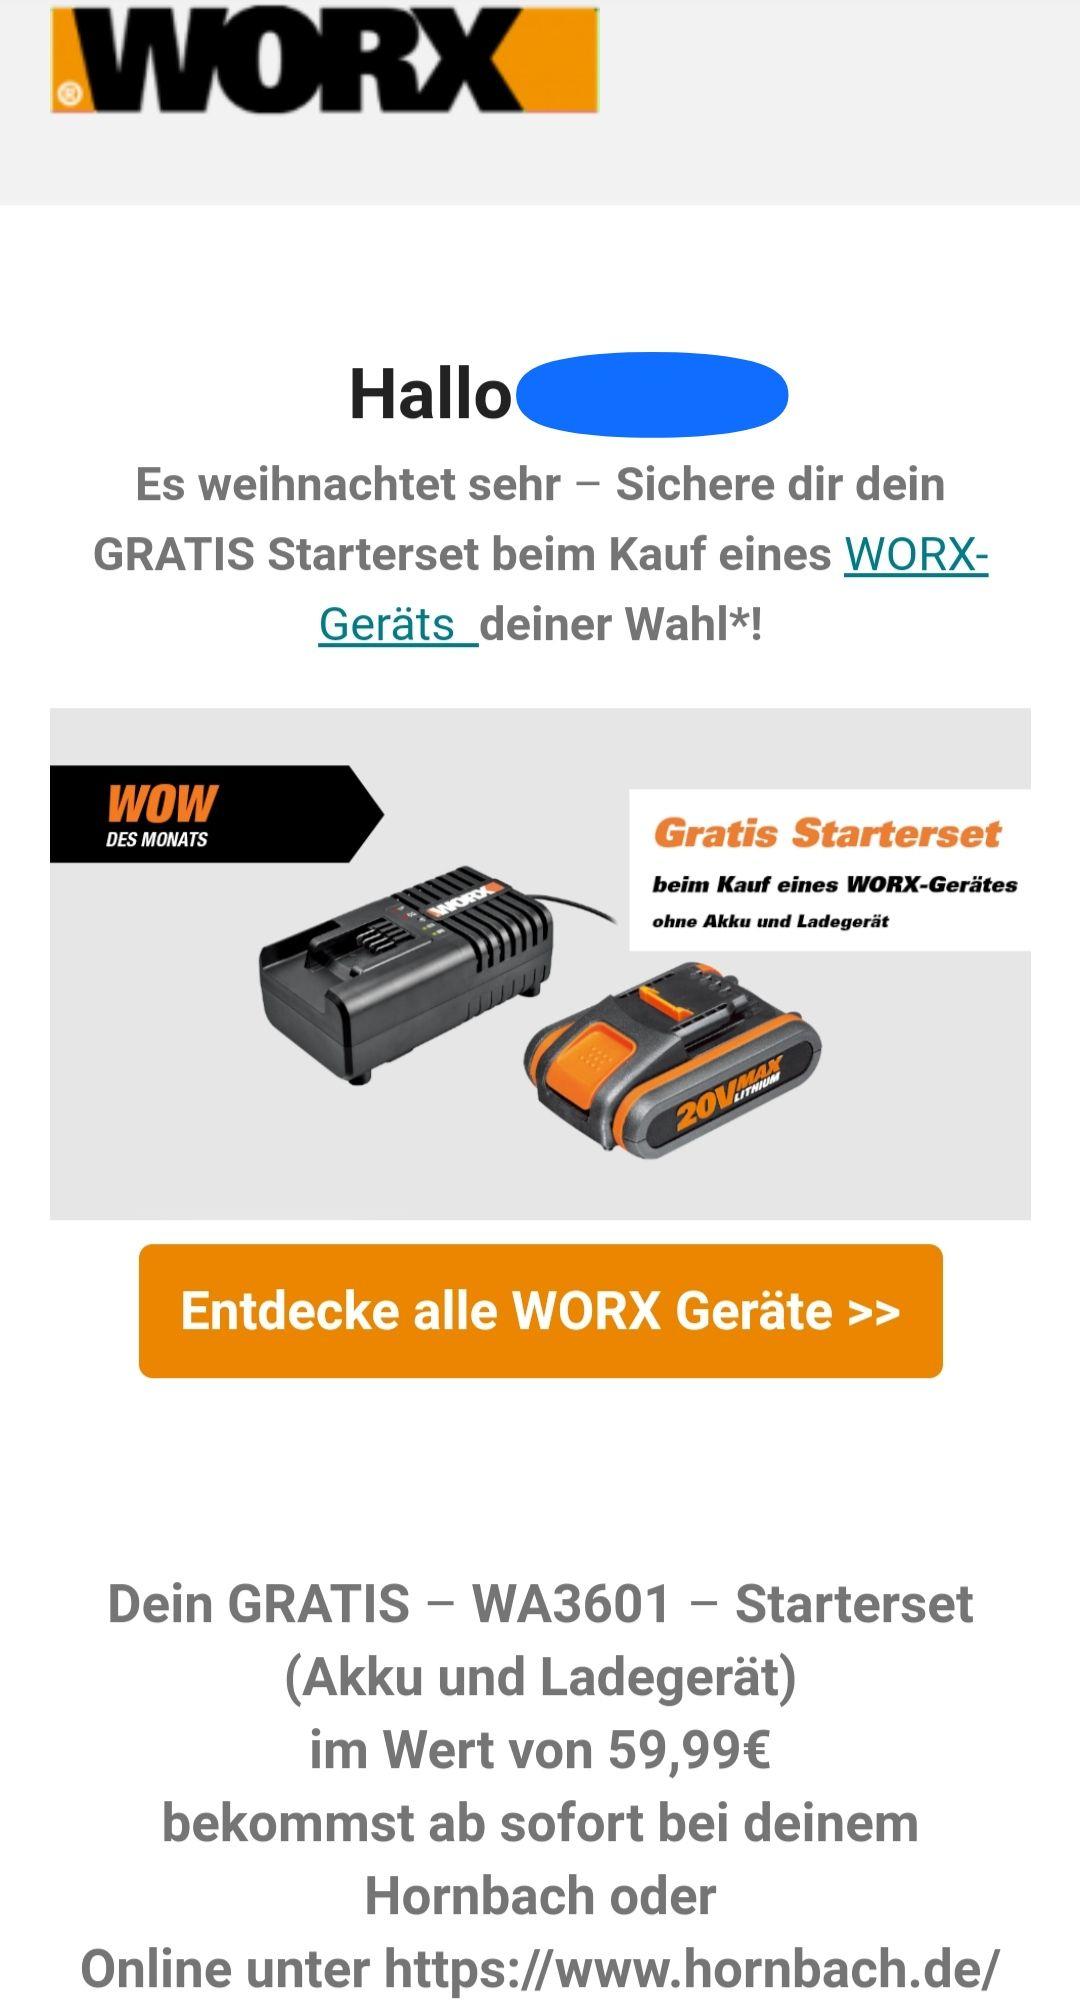 [WORX & HORNBACH] GRATIS – WA3601 – Starterset (Akku 20V 2.0 Ah und Ladegerät) im Wert von 59,99€ bei Kauf Akkuprodukt ohne Akku + Ladegerät